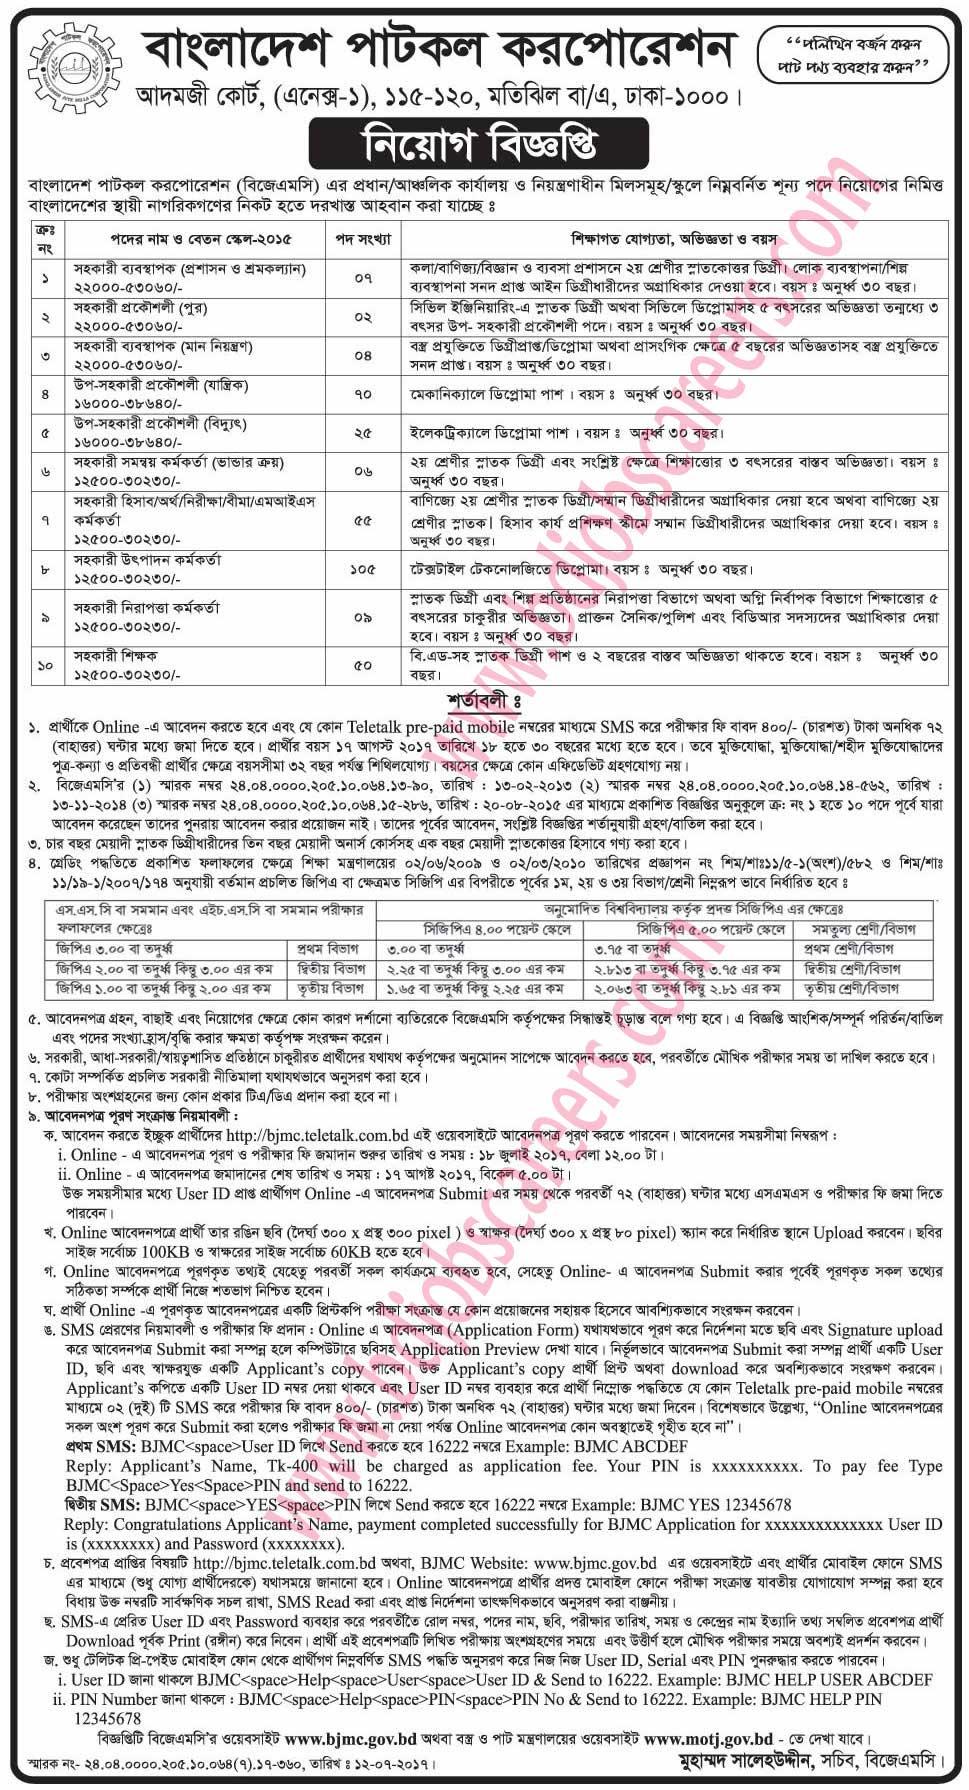 Bangladesh Jute Mill Corporation Job Circular 2017